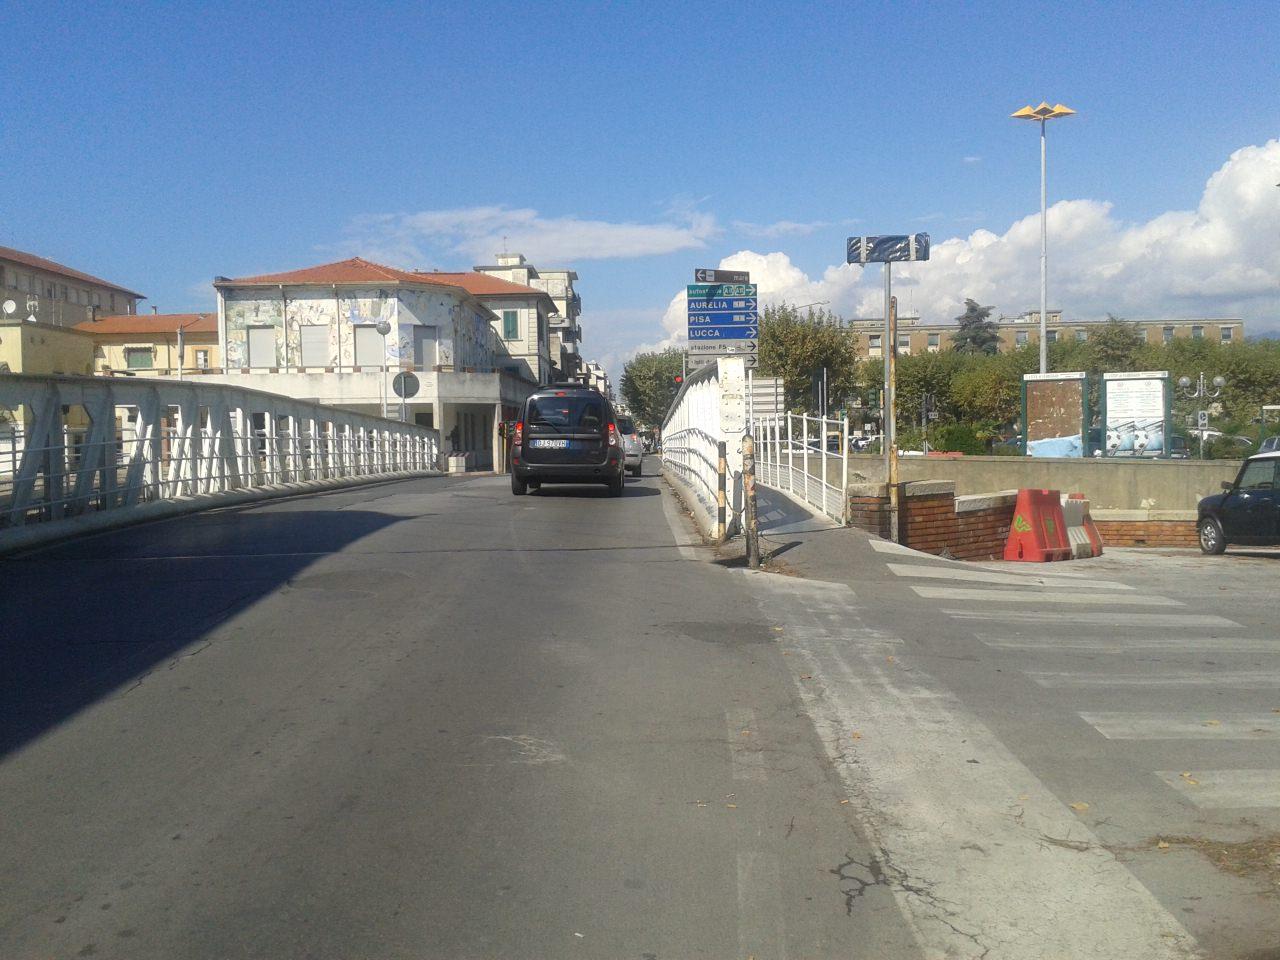 Posticipata la chiusura del ponte girante